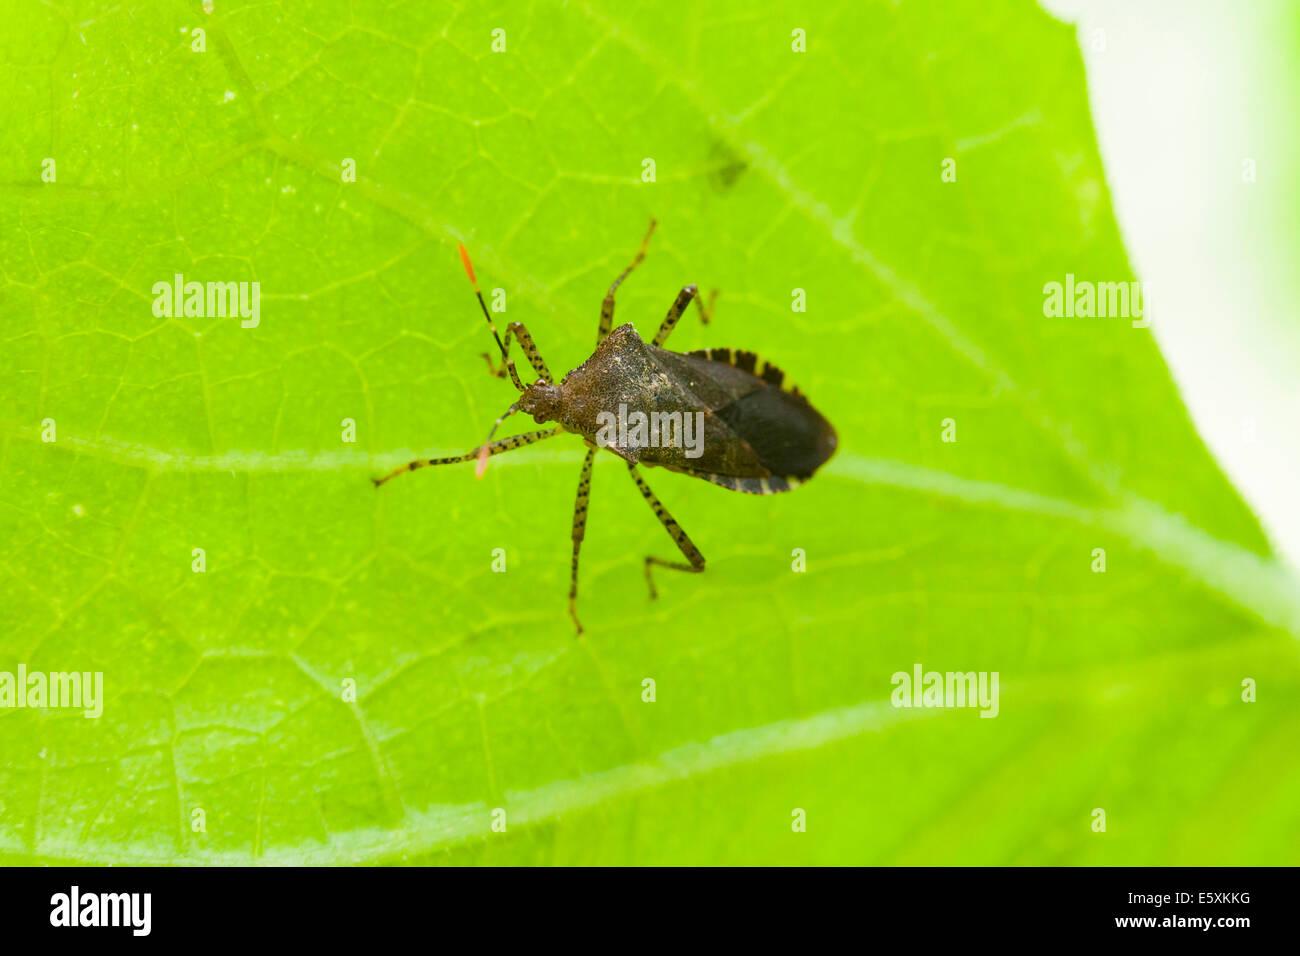 Squash bug (Anasa tristis) on vegetable leaf - USA - Stock Image